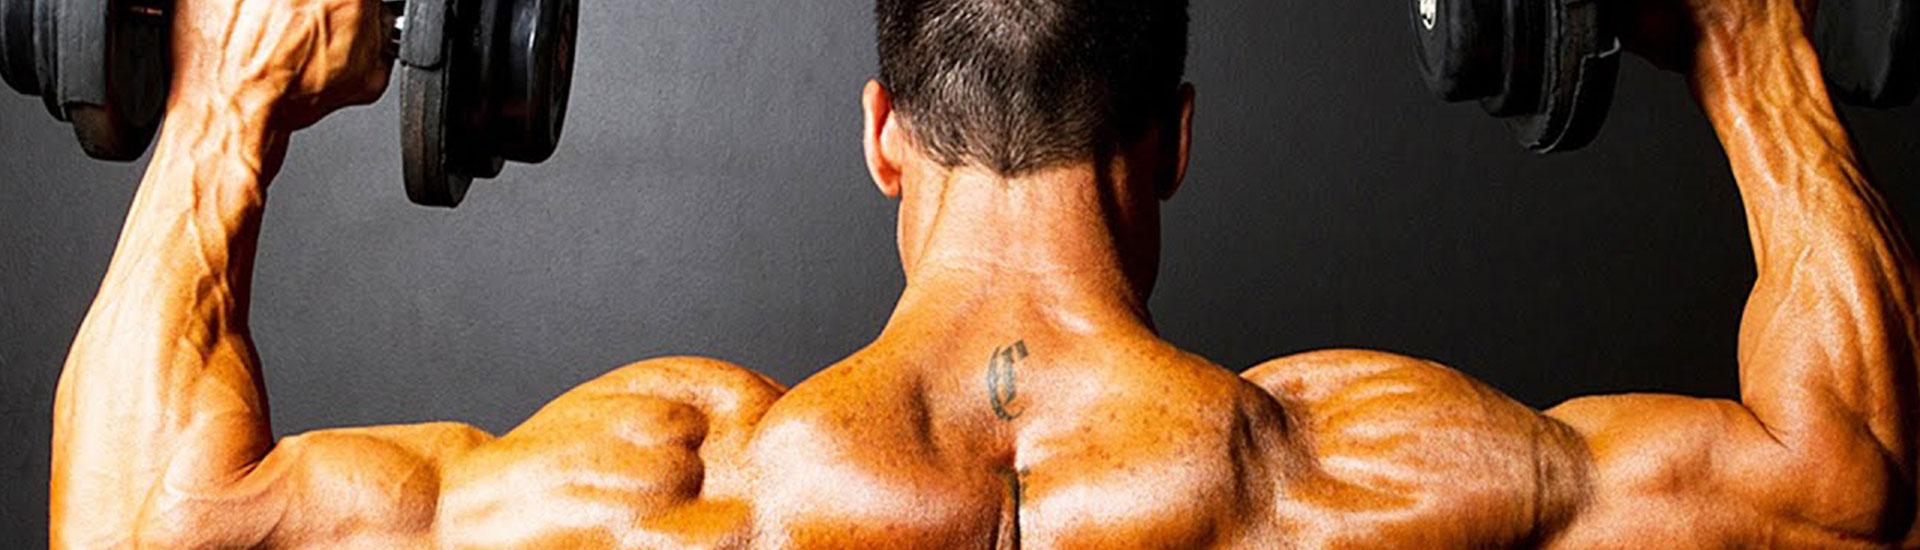 Yurtdışından Testosteron Getirmek